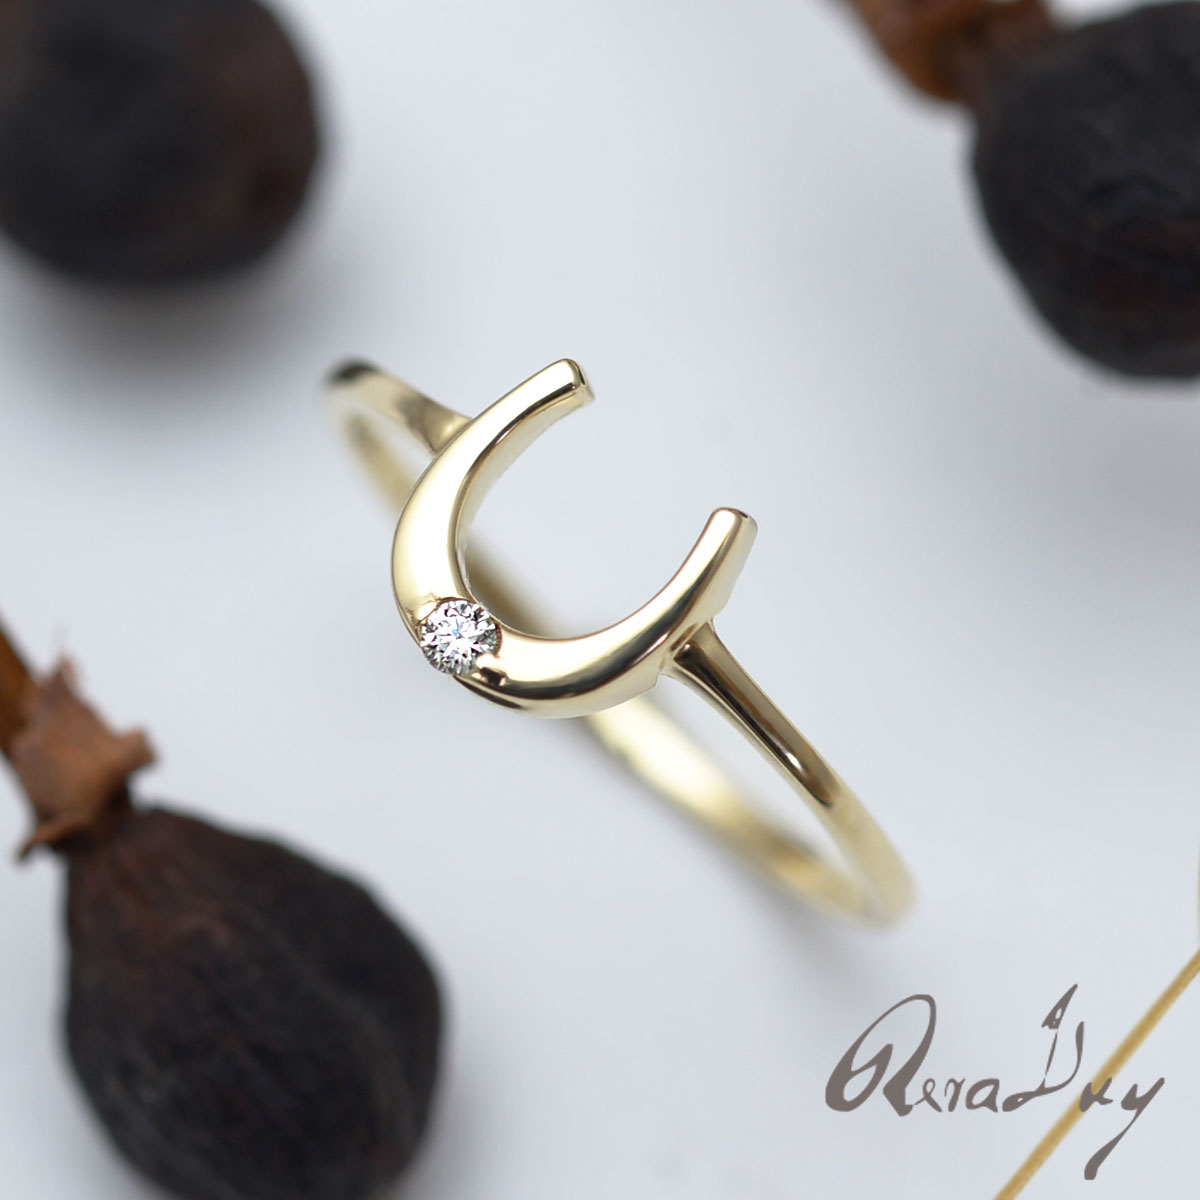 K10 リング 指輪 ダイヤモンド 馬蹄 ホースシュー ゴールドリング(K10 ゴールド 10金 イエローゴールド) 華奢 rri1627/新作